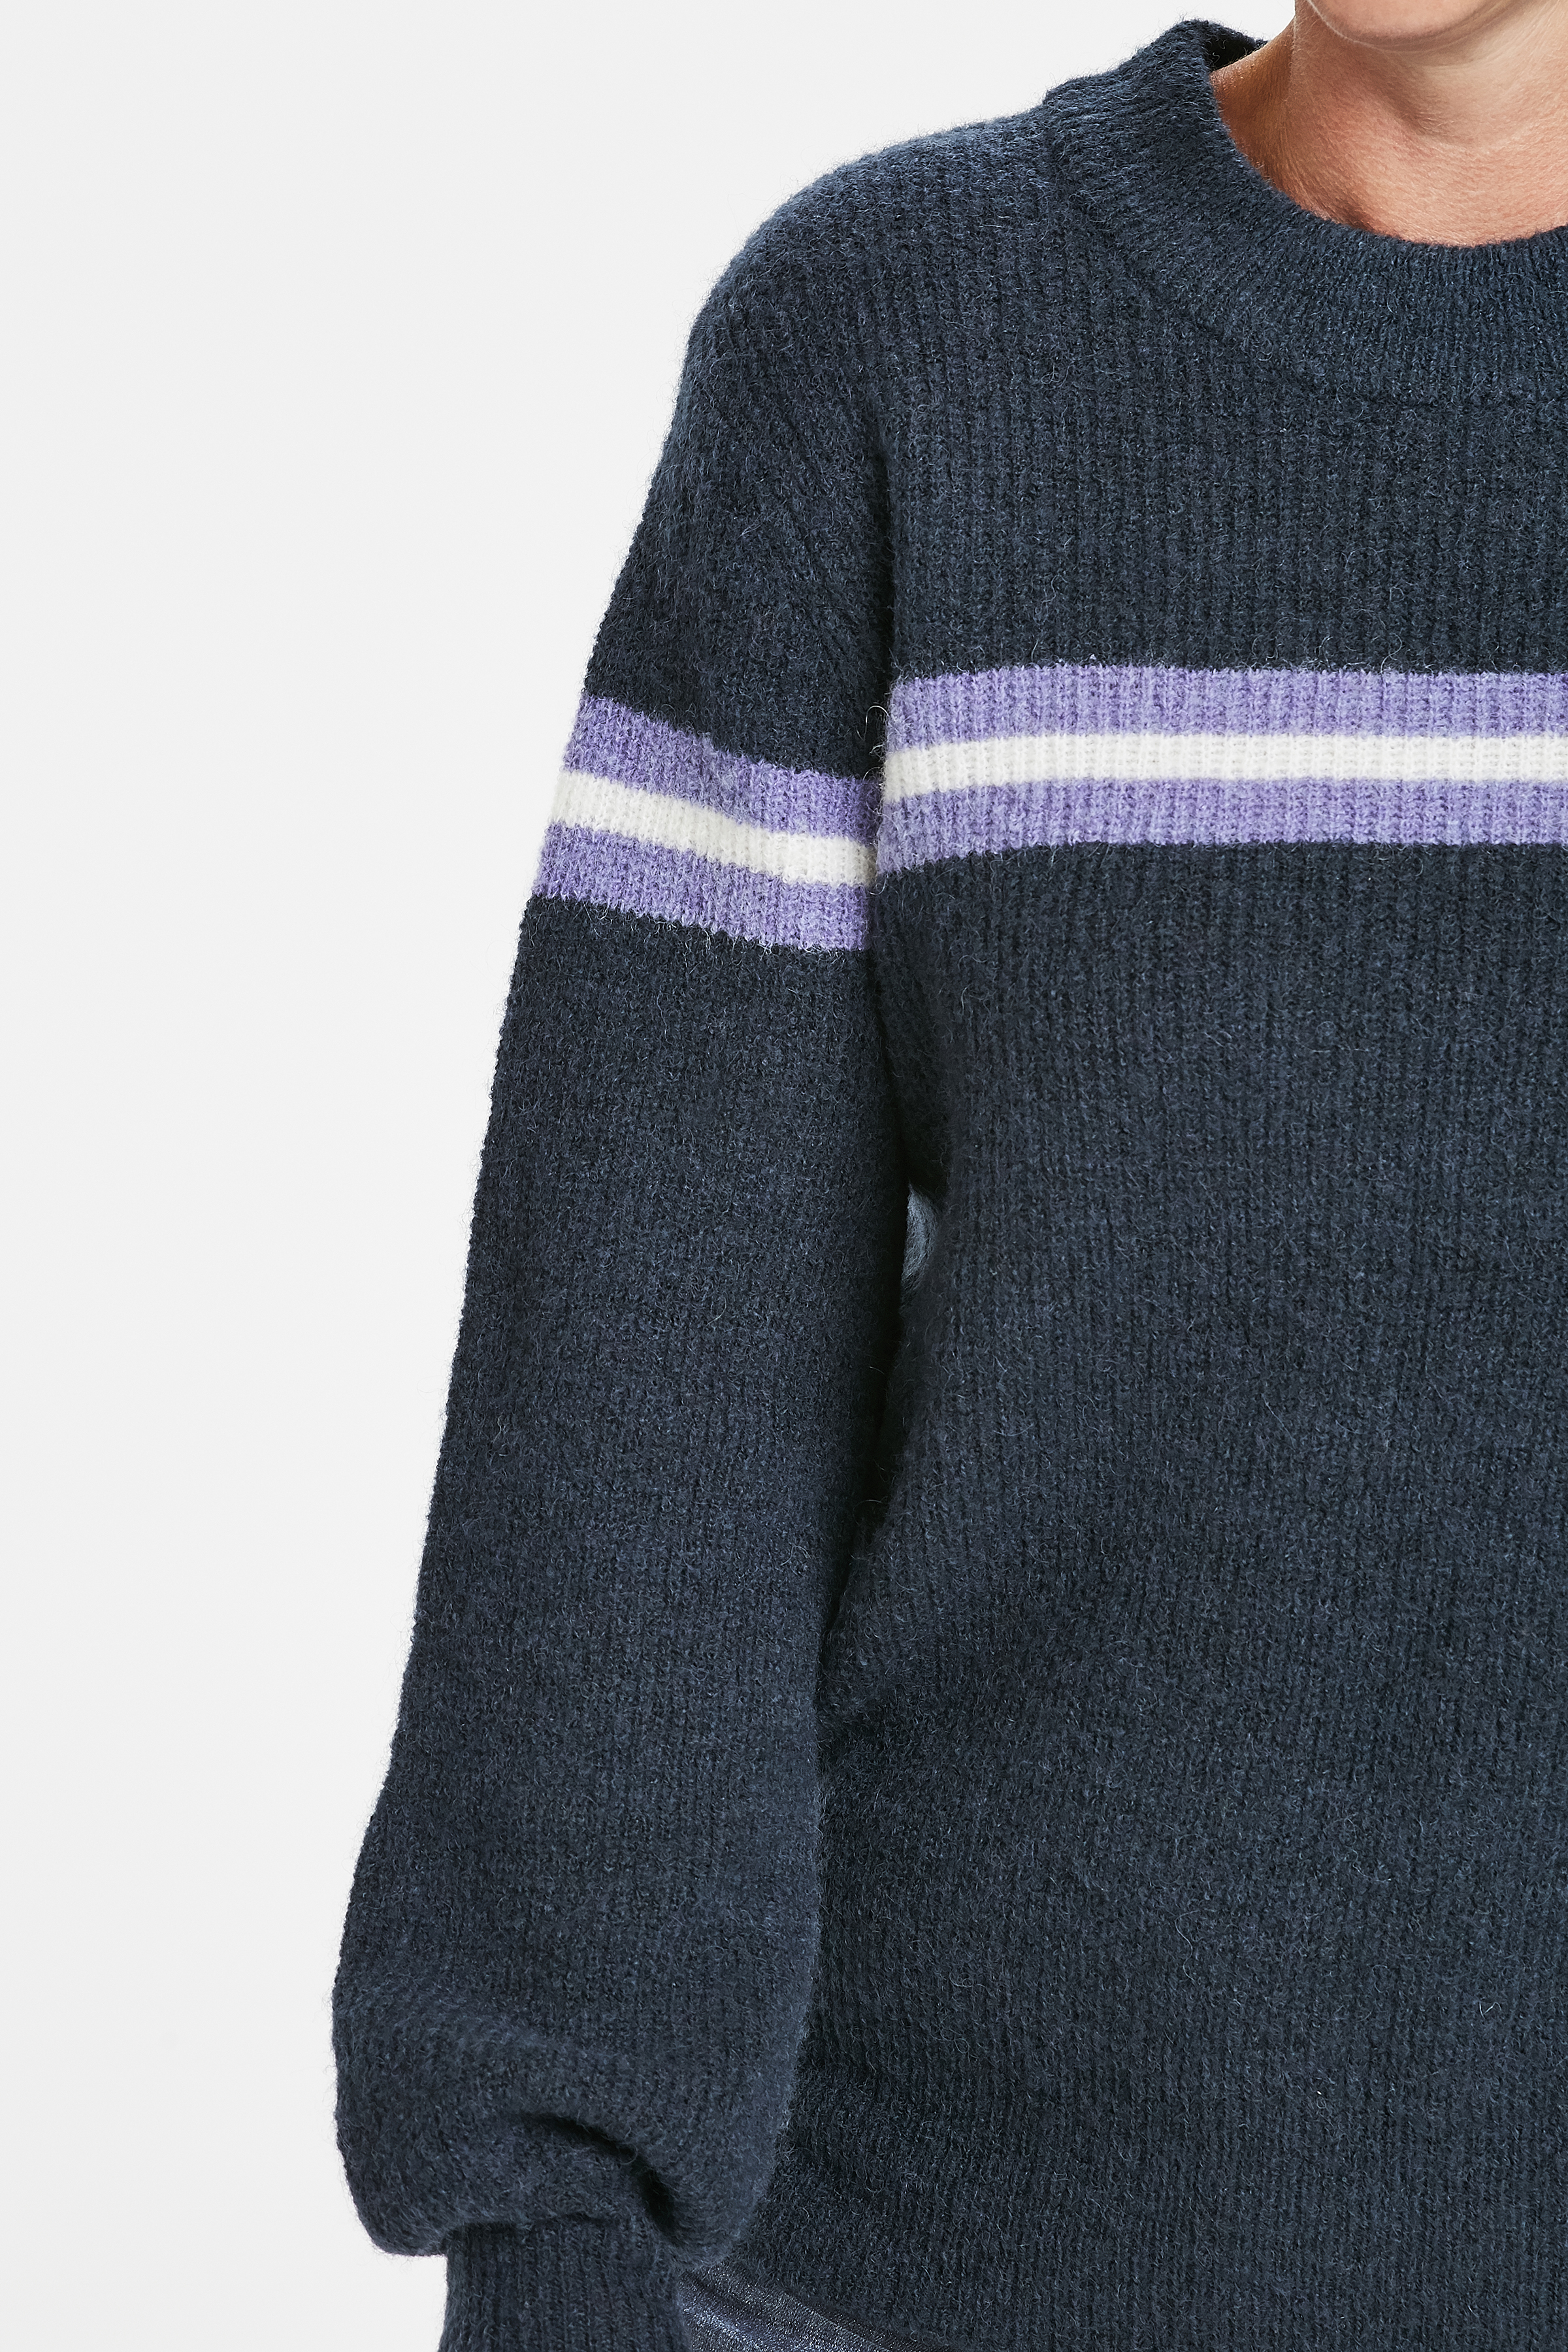 Marinblå Stickad pullover från Kaffe – Köp Marinblå Stickad pullover från stl. XS-XXL här